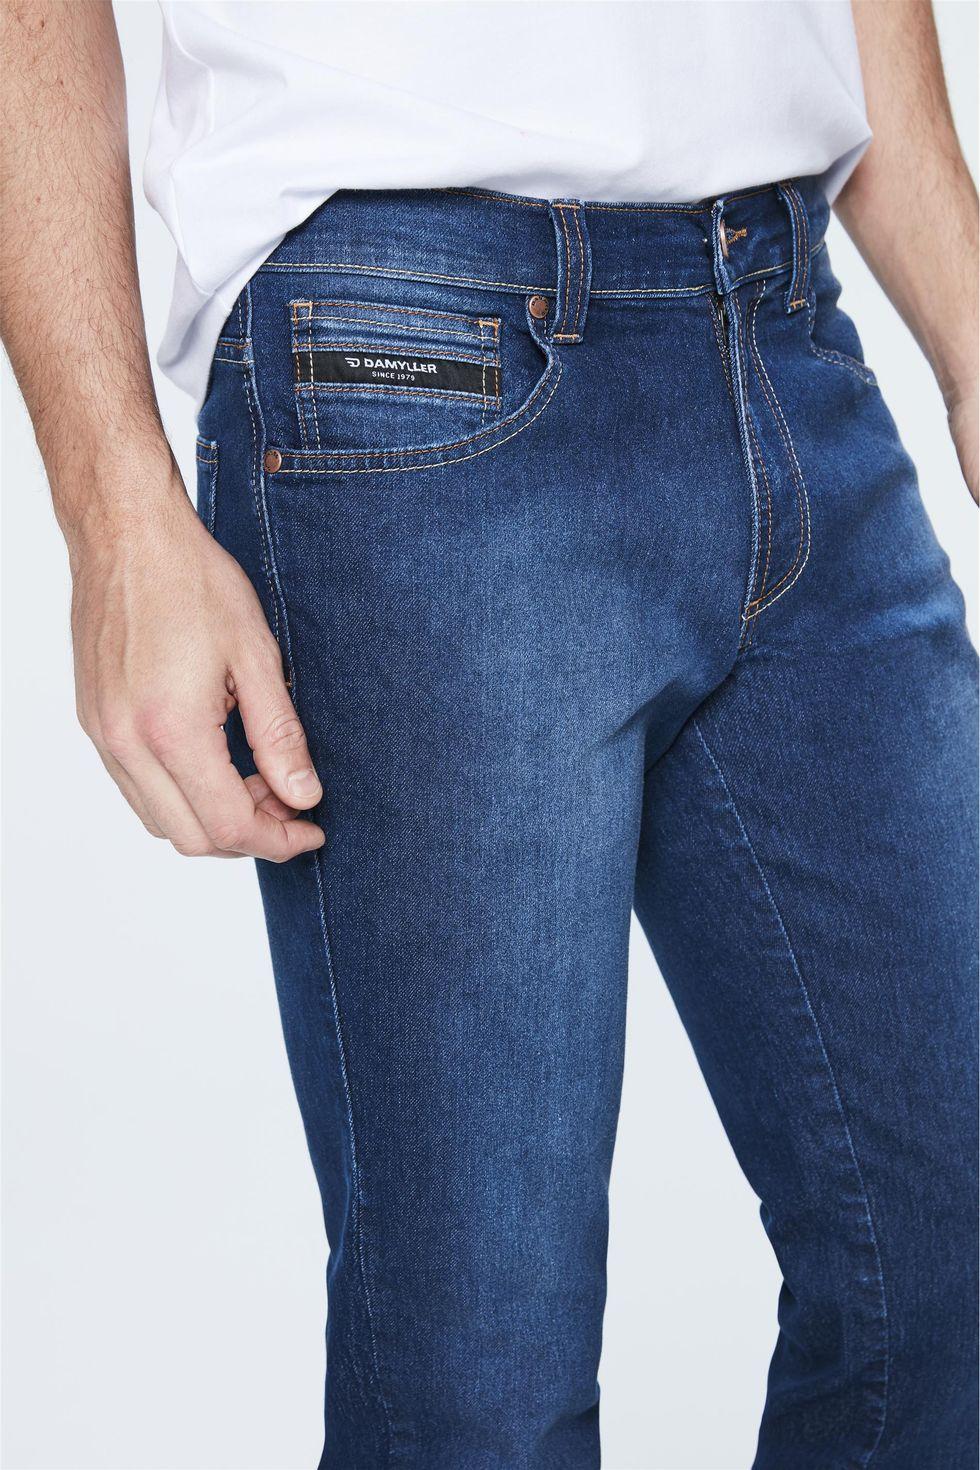 Calca-Jeans-Escuro-Slim-Masculina-Frente--